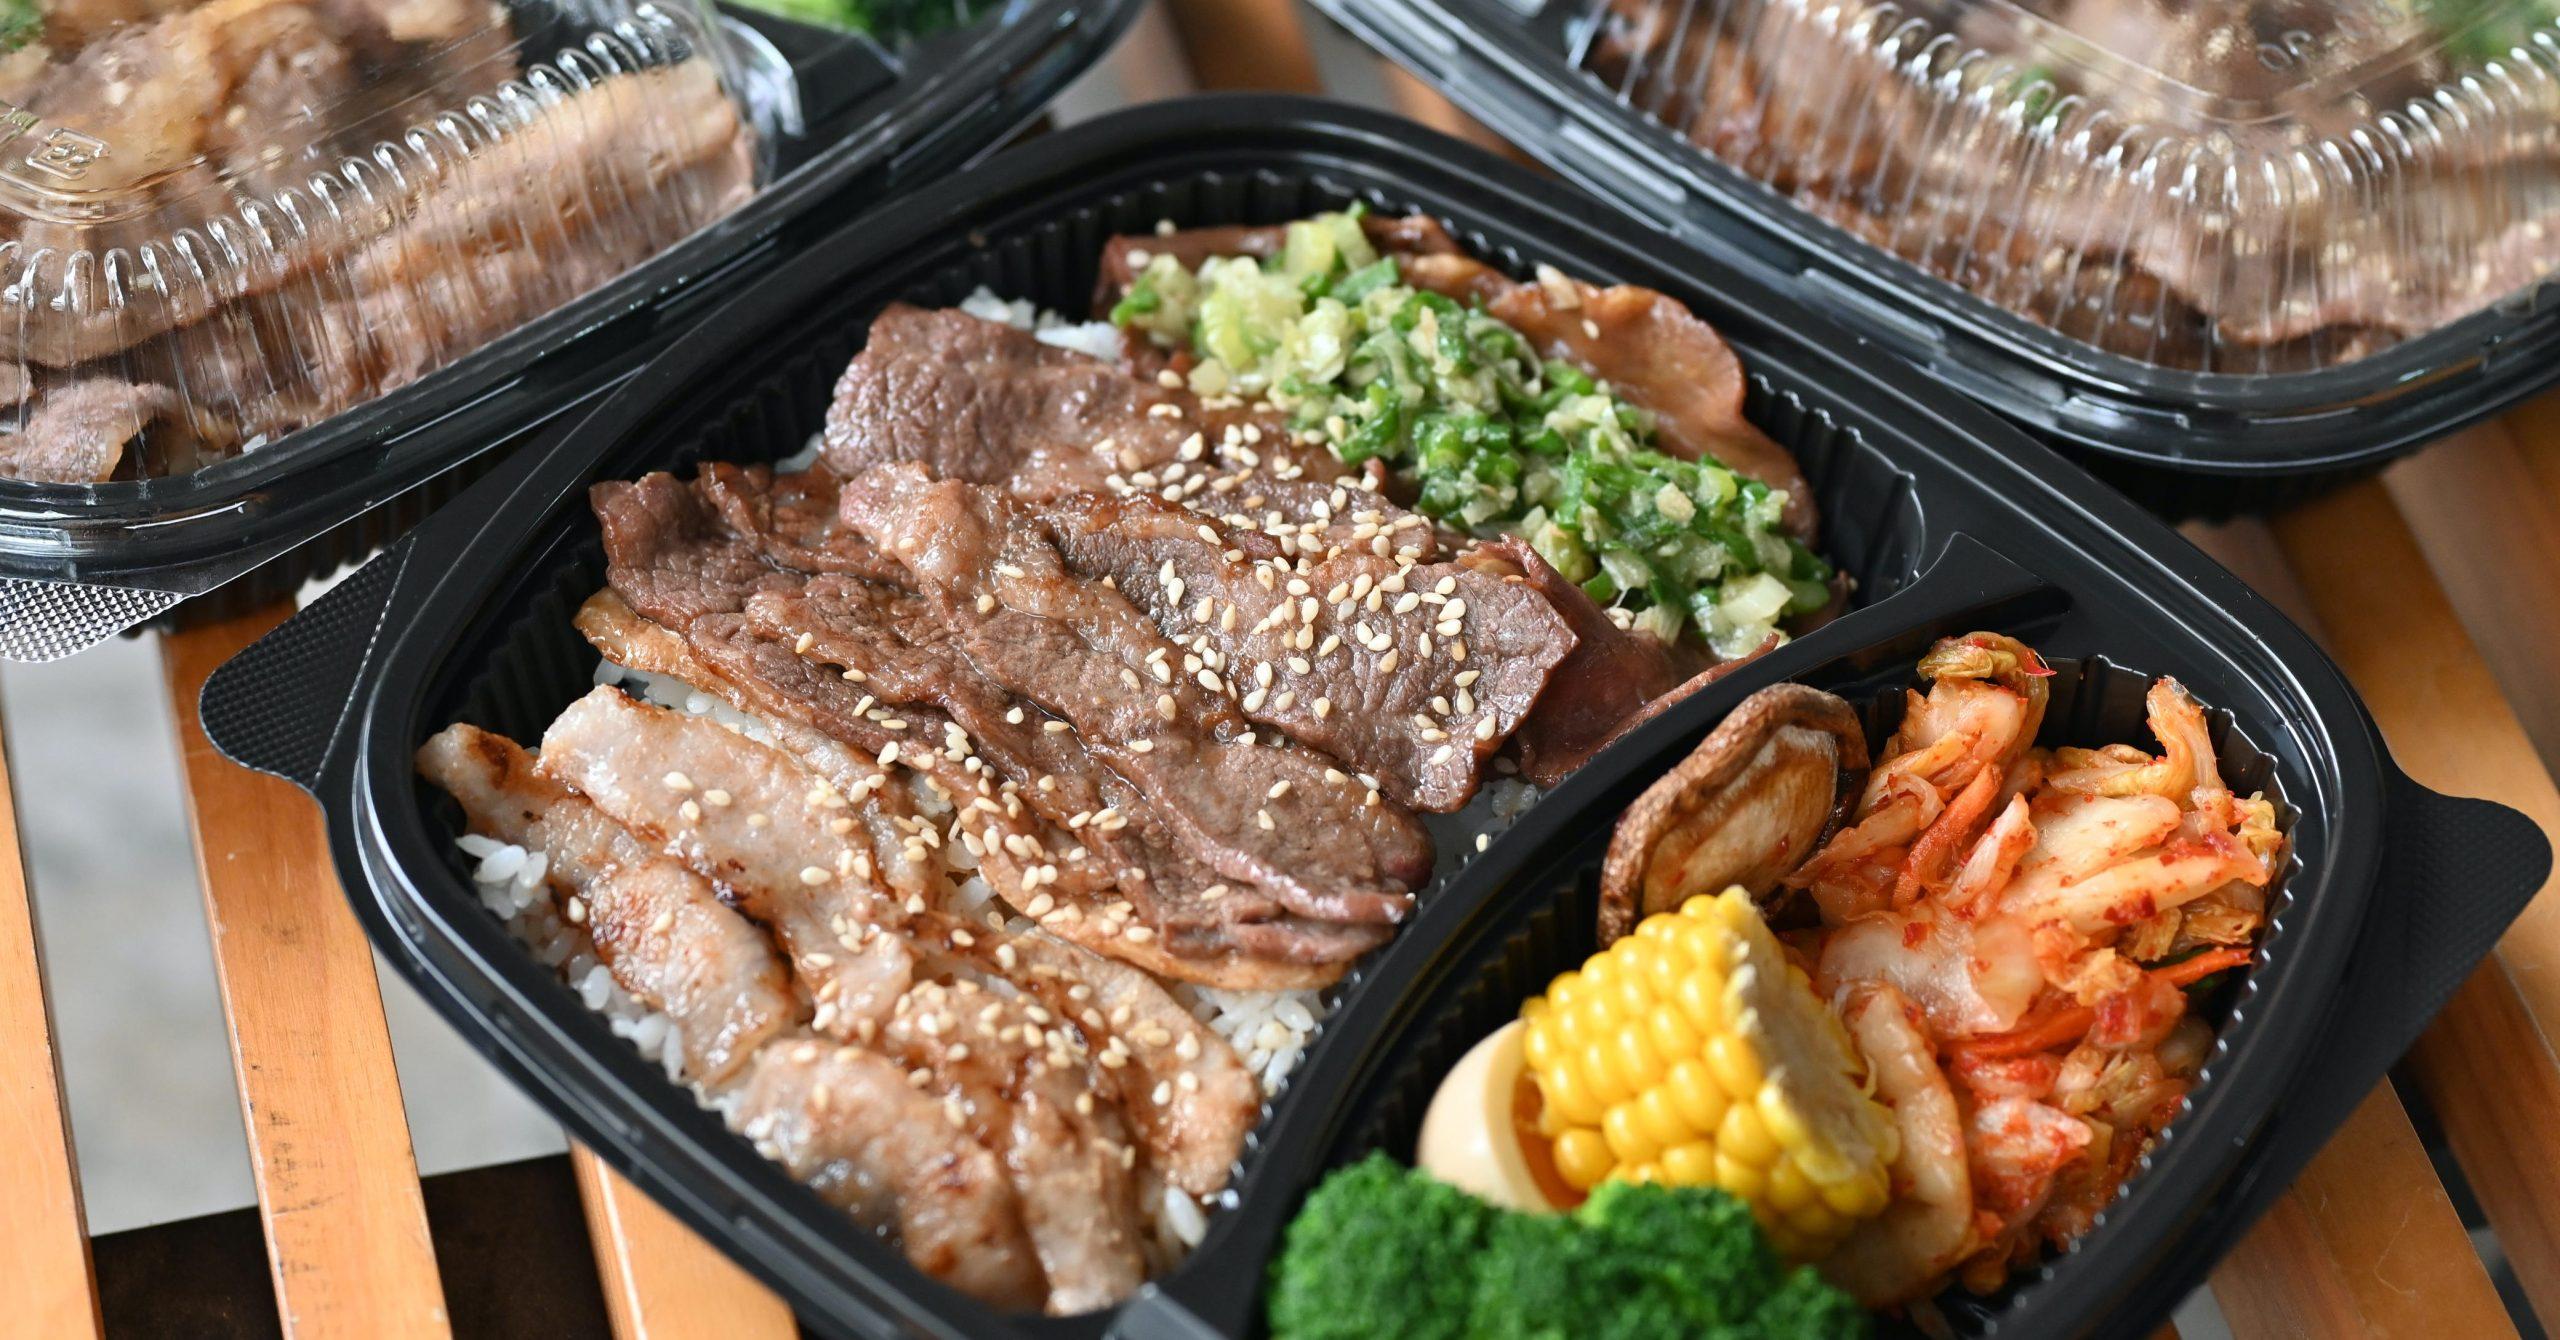 即時熱門文章:【天母美食】天町燒肉屋芝山店,防疫燒肉便當$160起 (菜單)